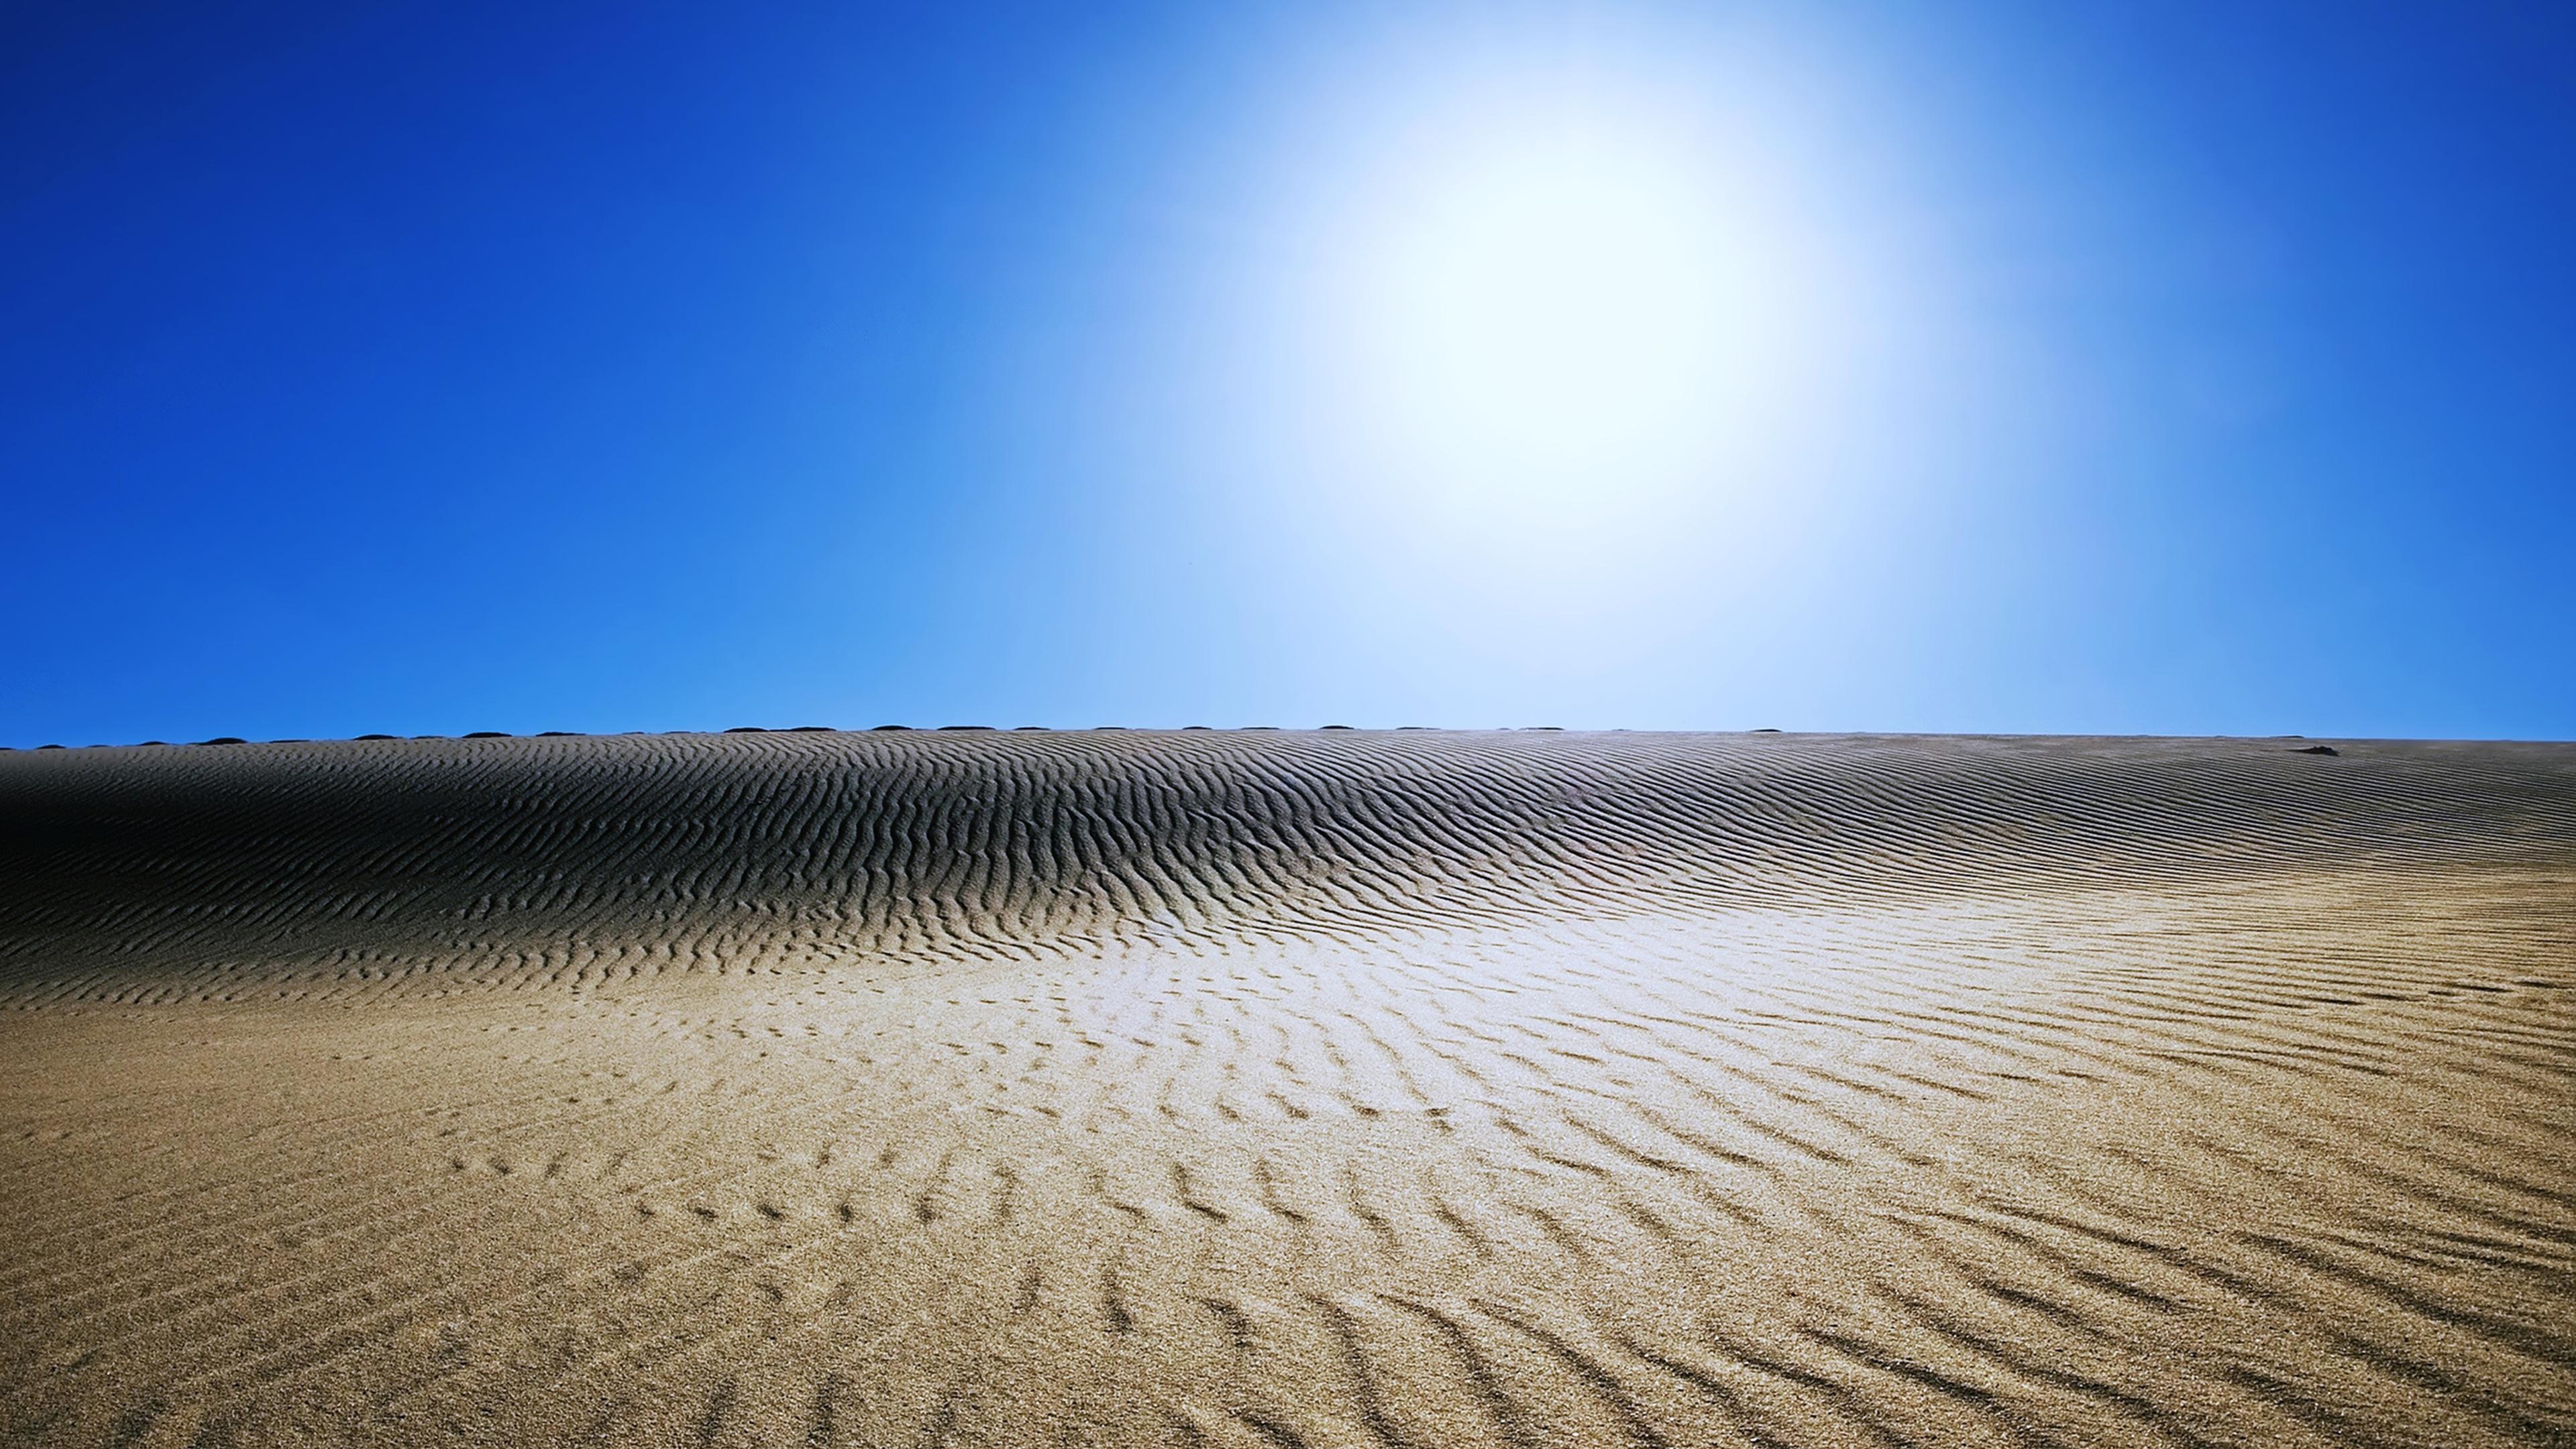 sahara desert 4k 1551643966 - Sahara Desert 4k - sahara wallpapers, nature wallpapers, hd-wallpapers, desert wallpapers, 4k-wallpapers